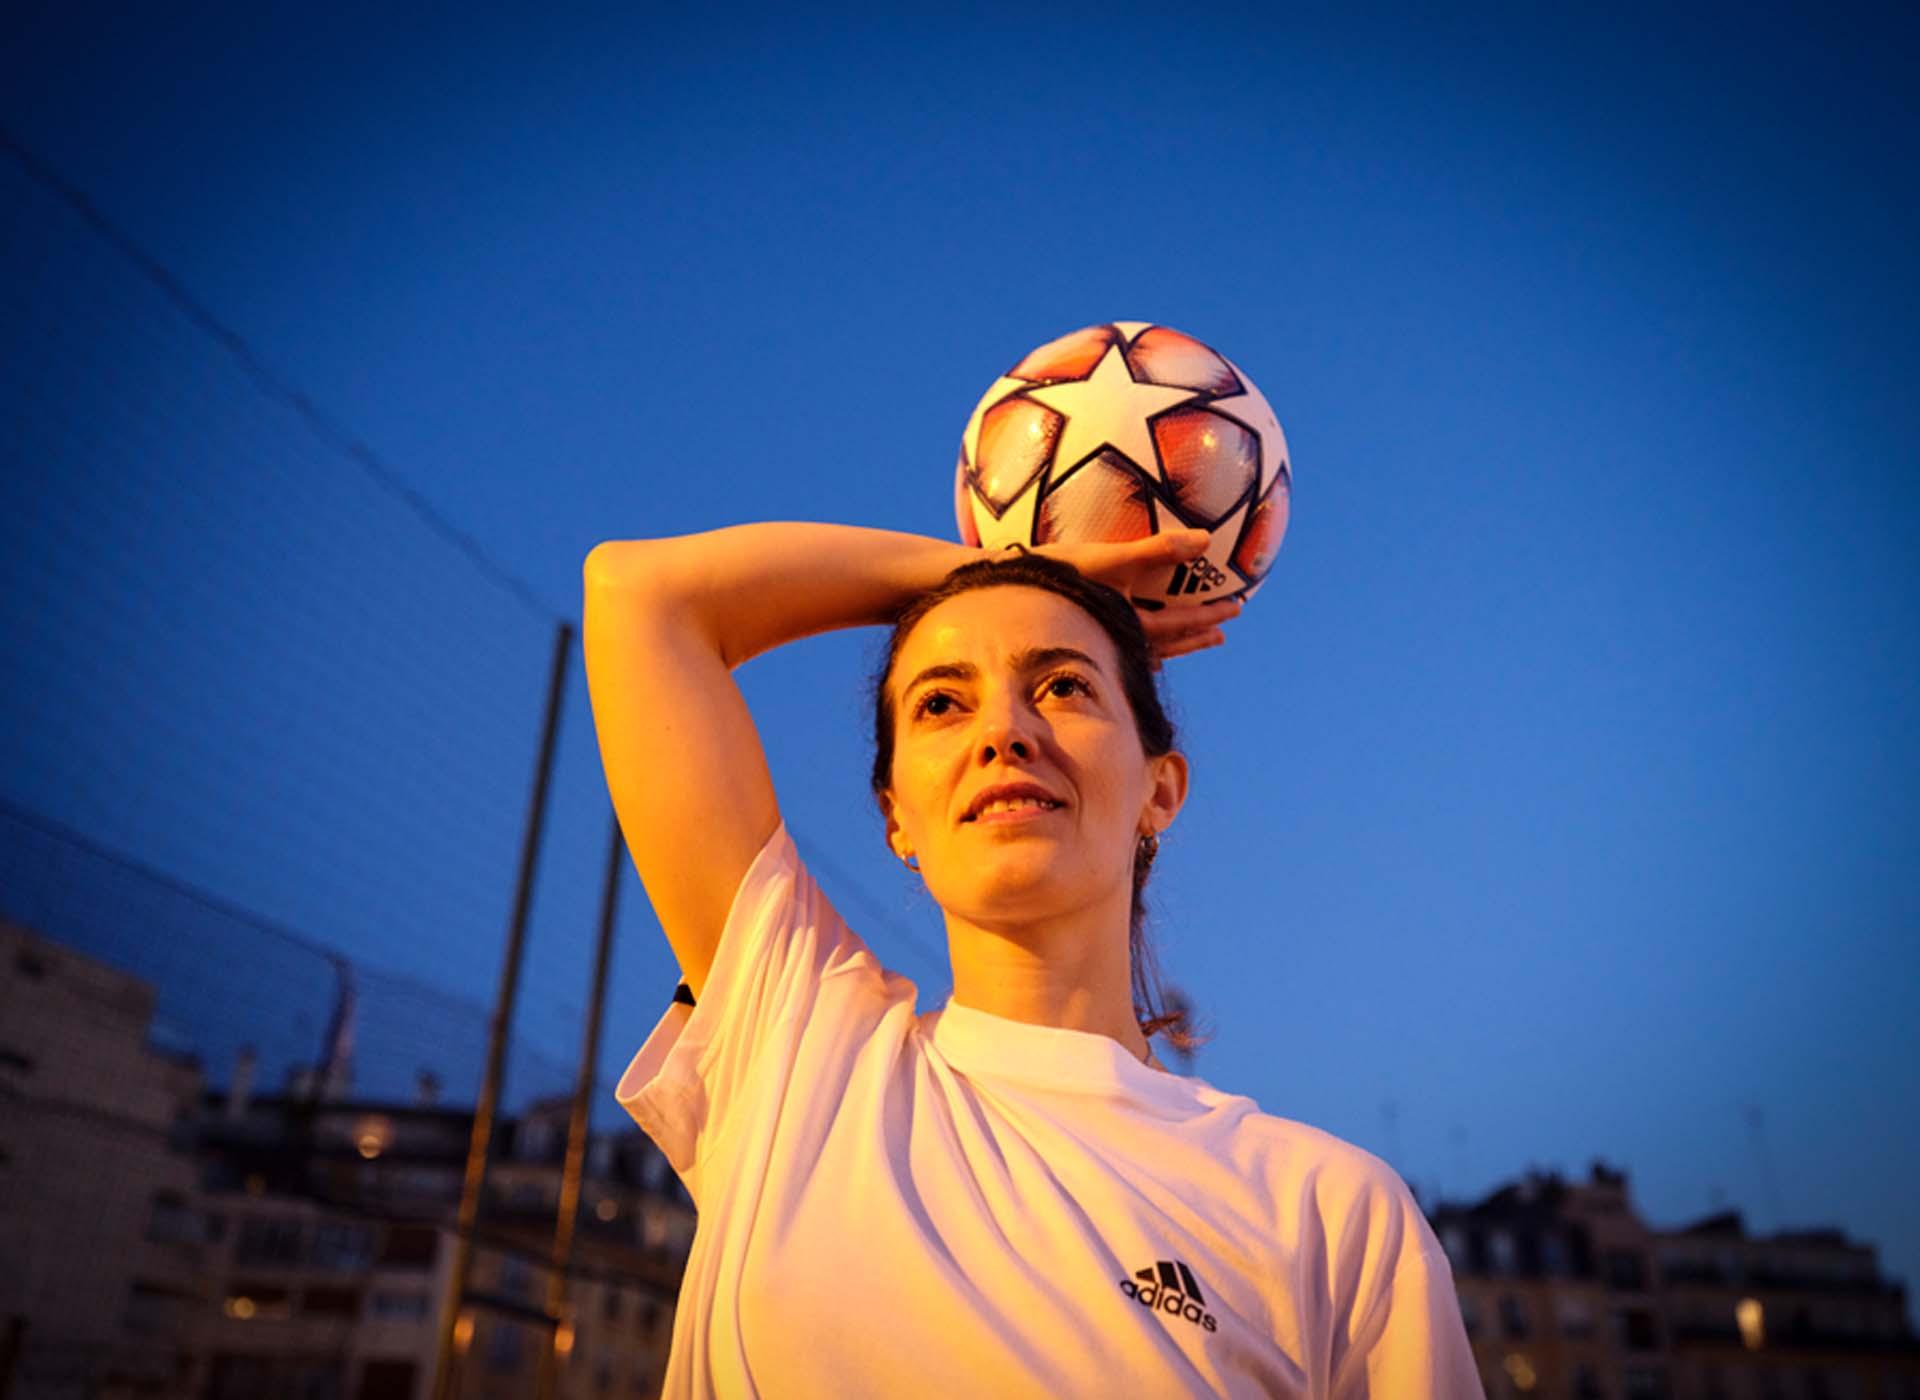 Síntomas Camello Porra  adidas Introduces The 'adidas Football Collective' Initiative - SoccerBible